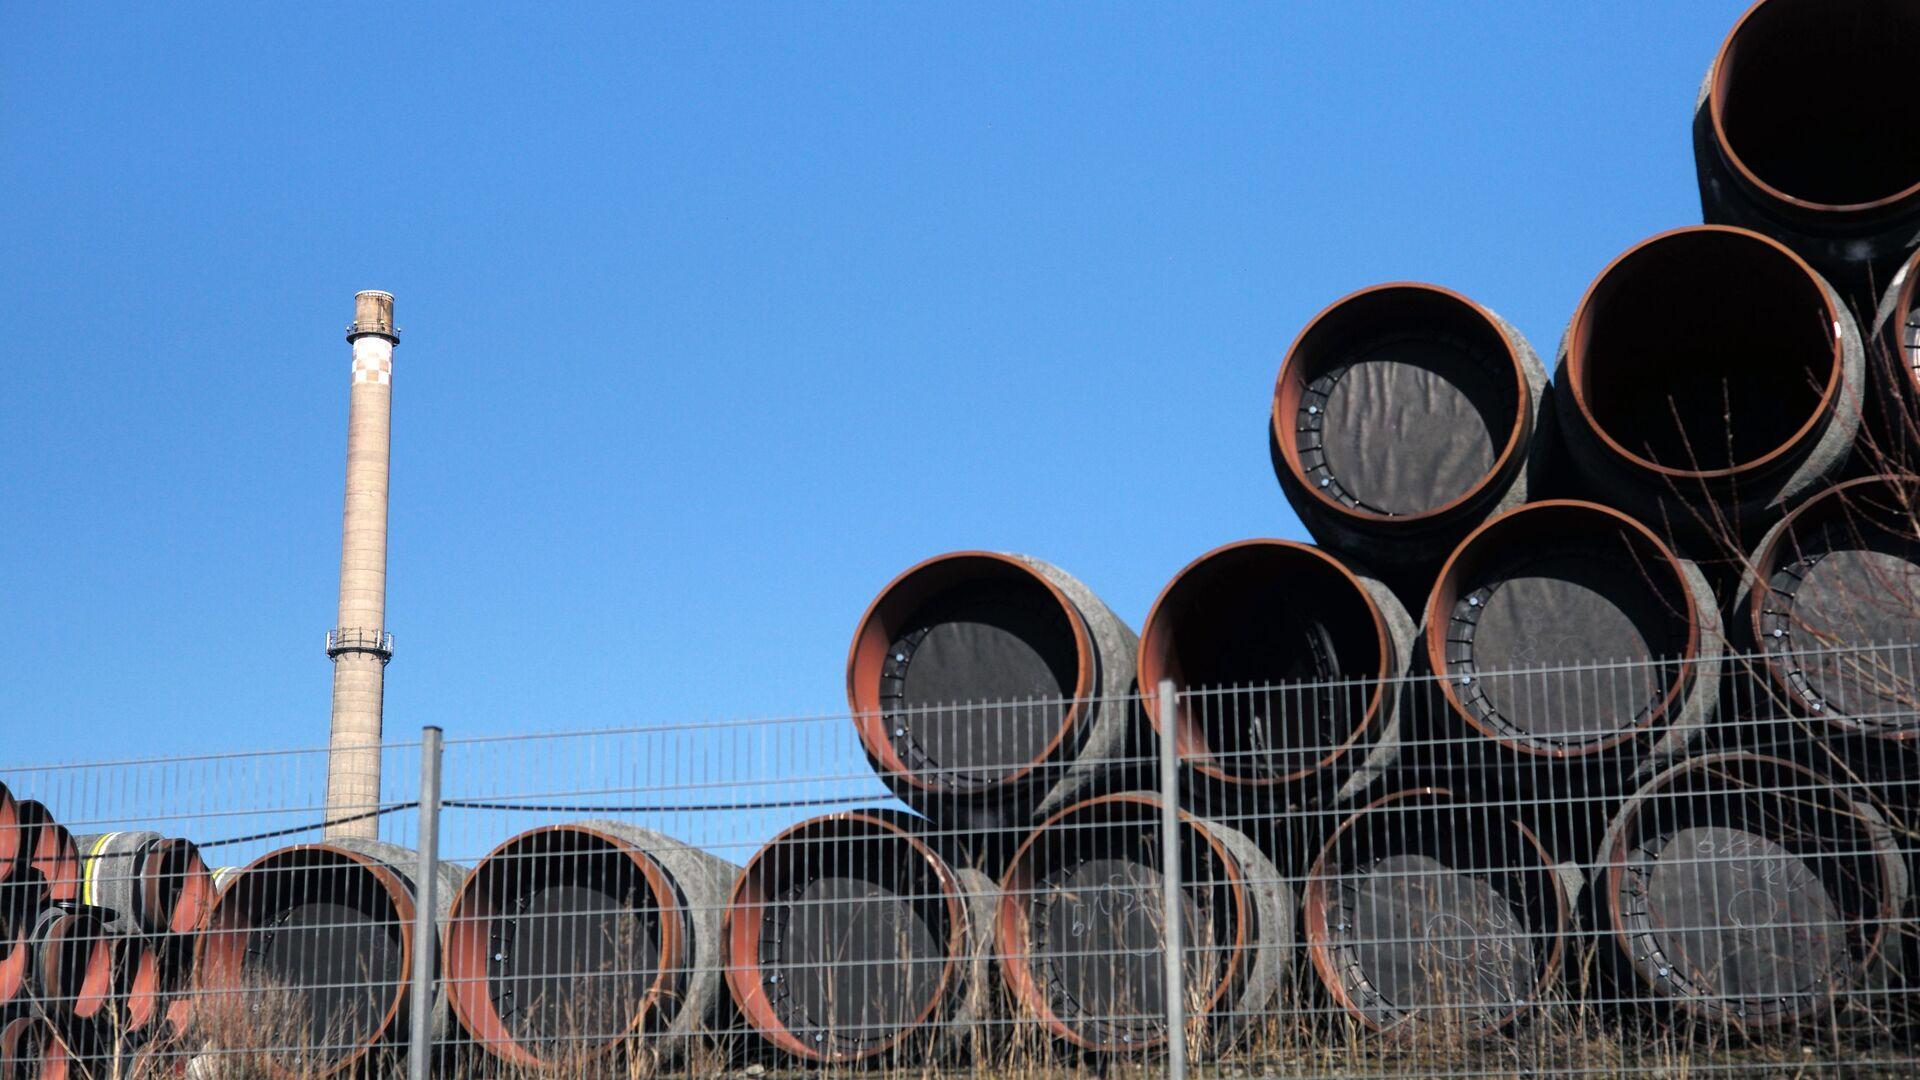 Magazyn rur do budowy gazociągu Nord Stream 2 w porcie Sassnitz w Niemczech - Sputnik Polska, 1920, 31.03.2021